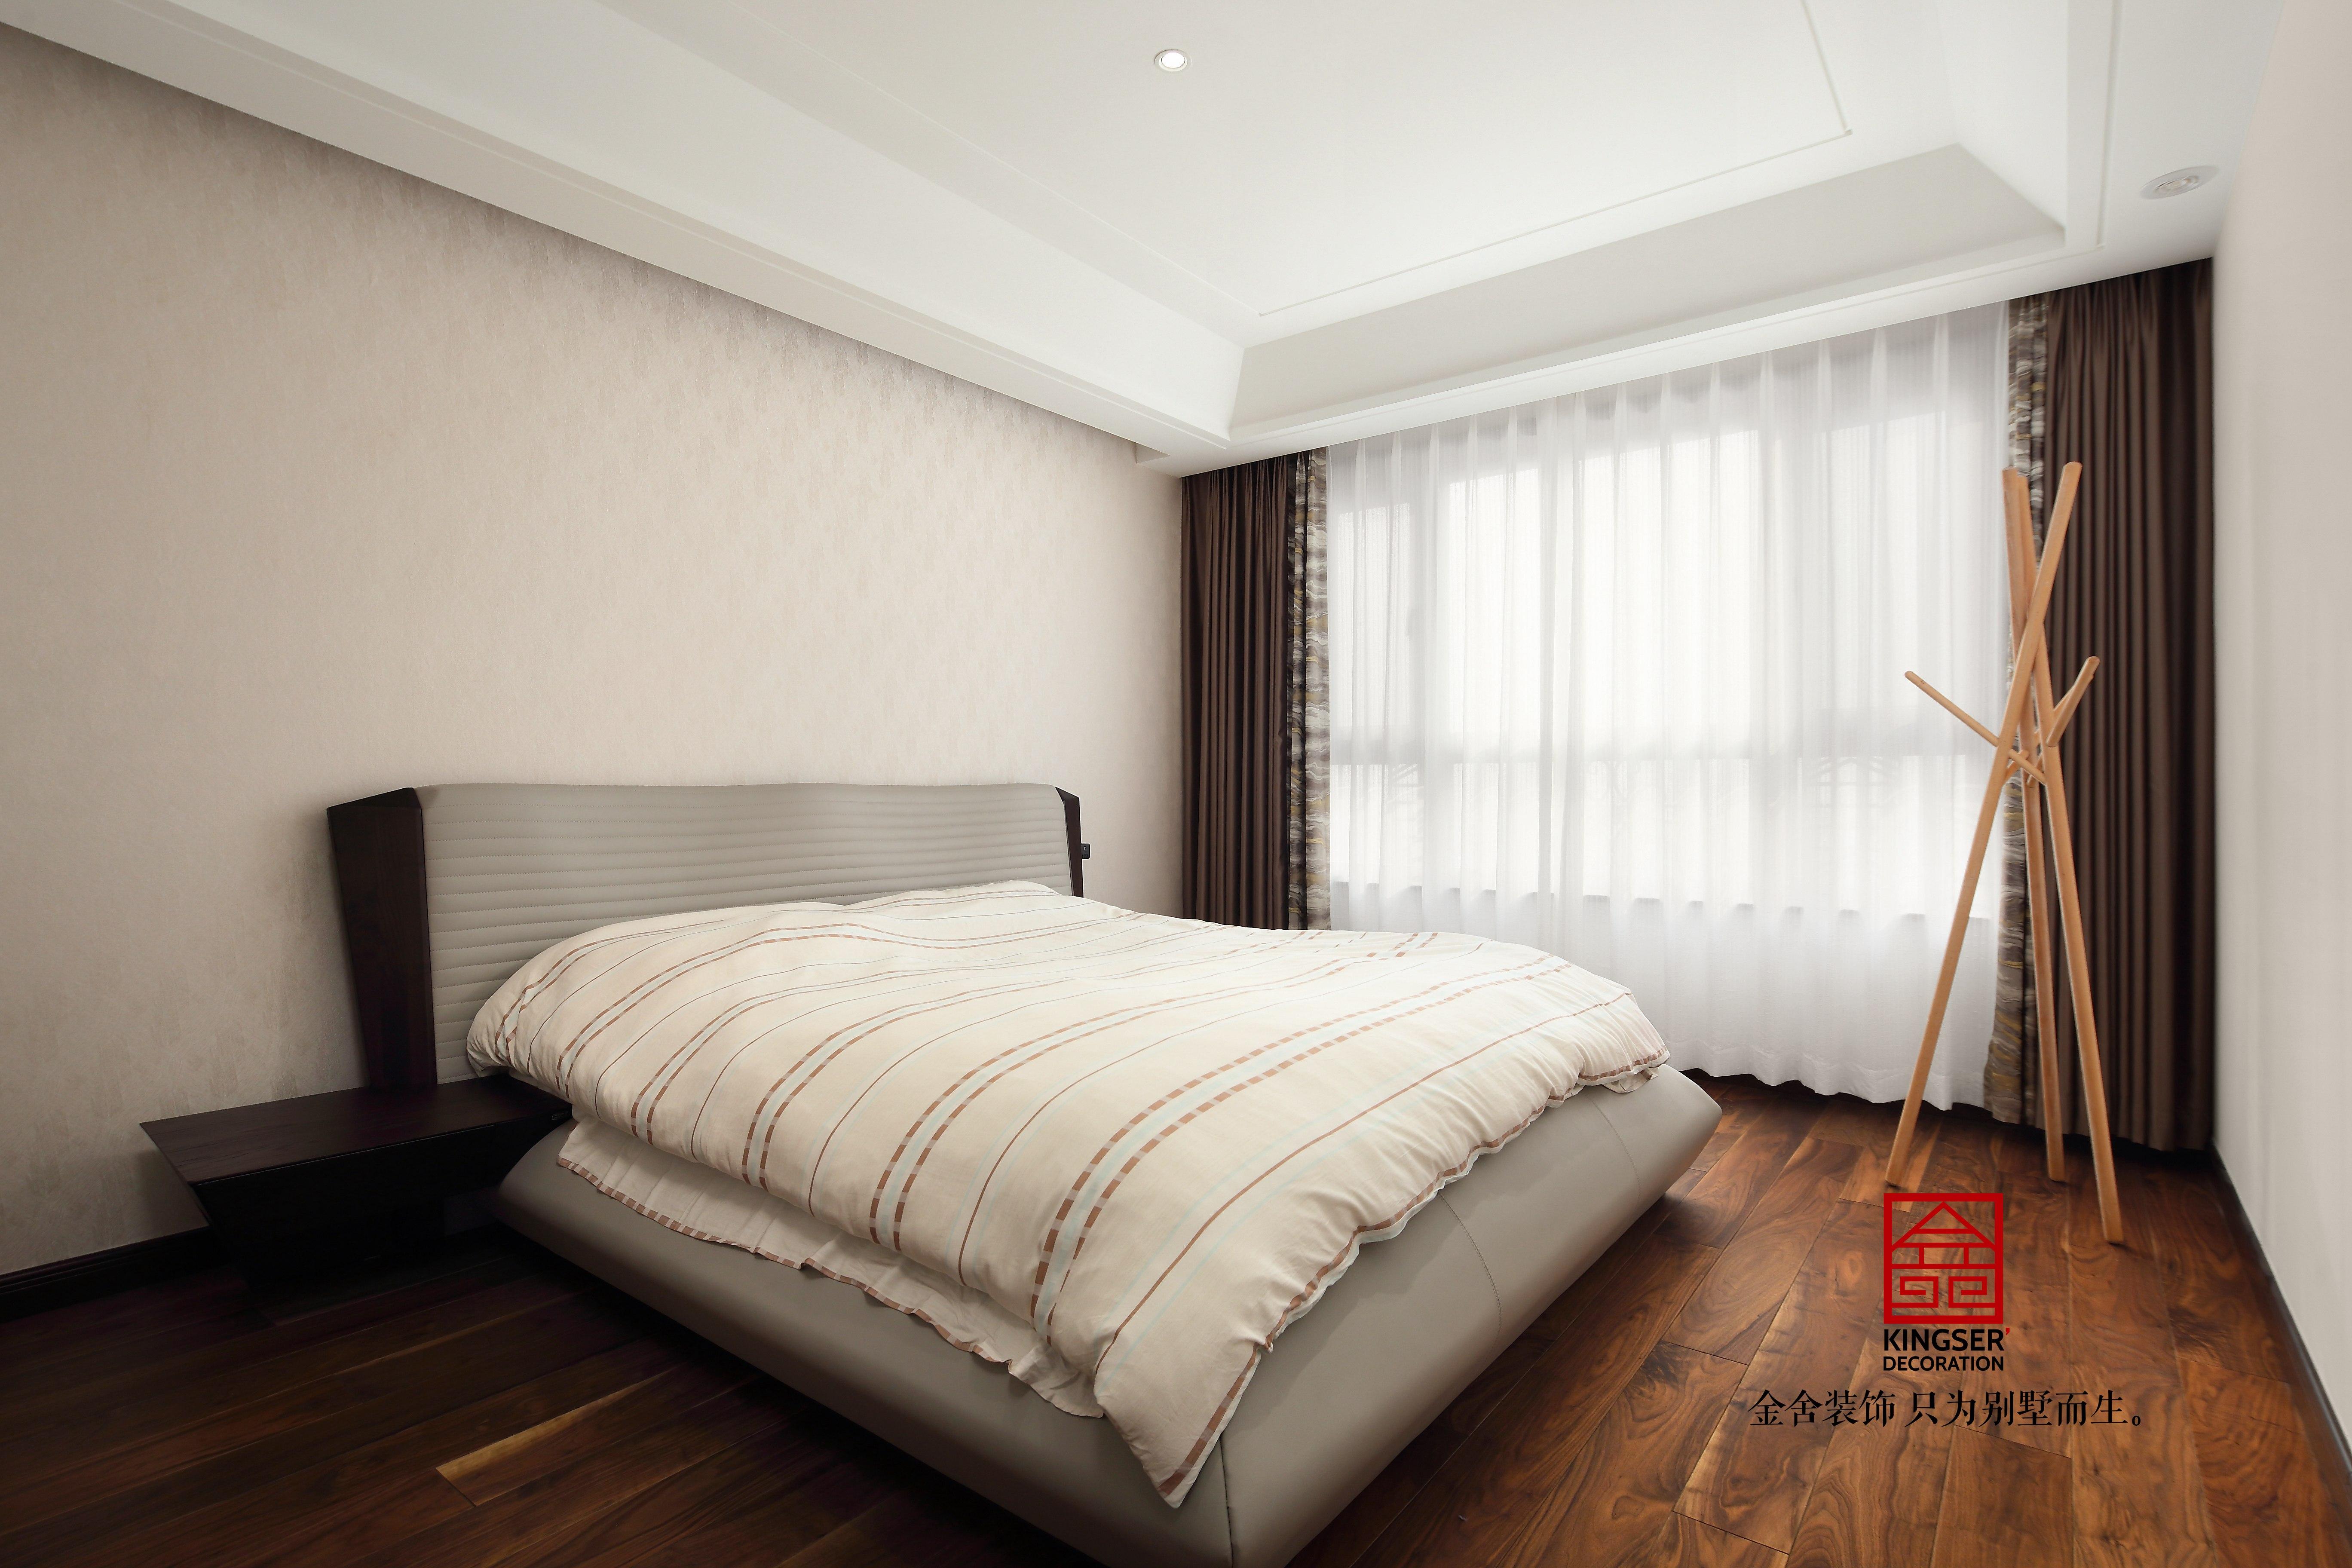 金悦府129平米现代轻奢装修-卧室